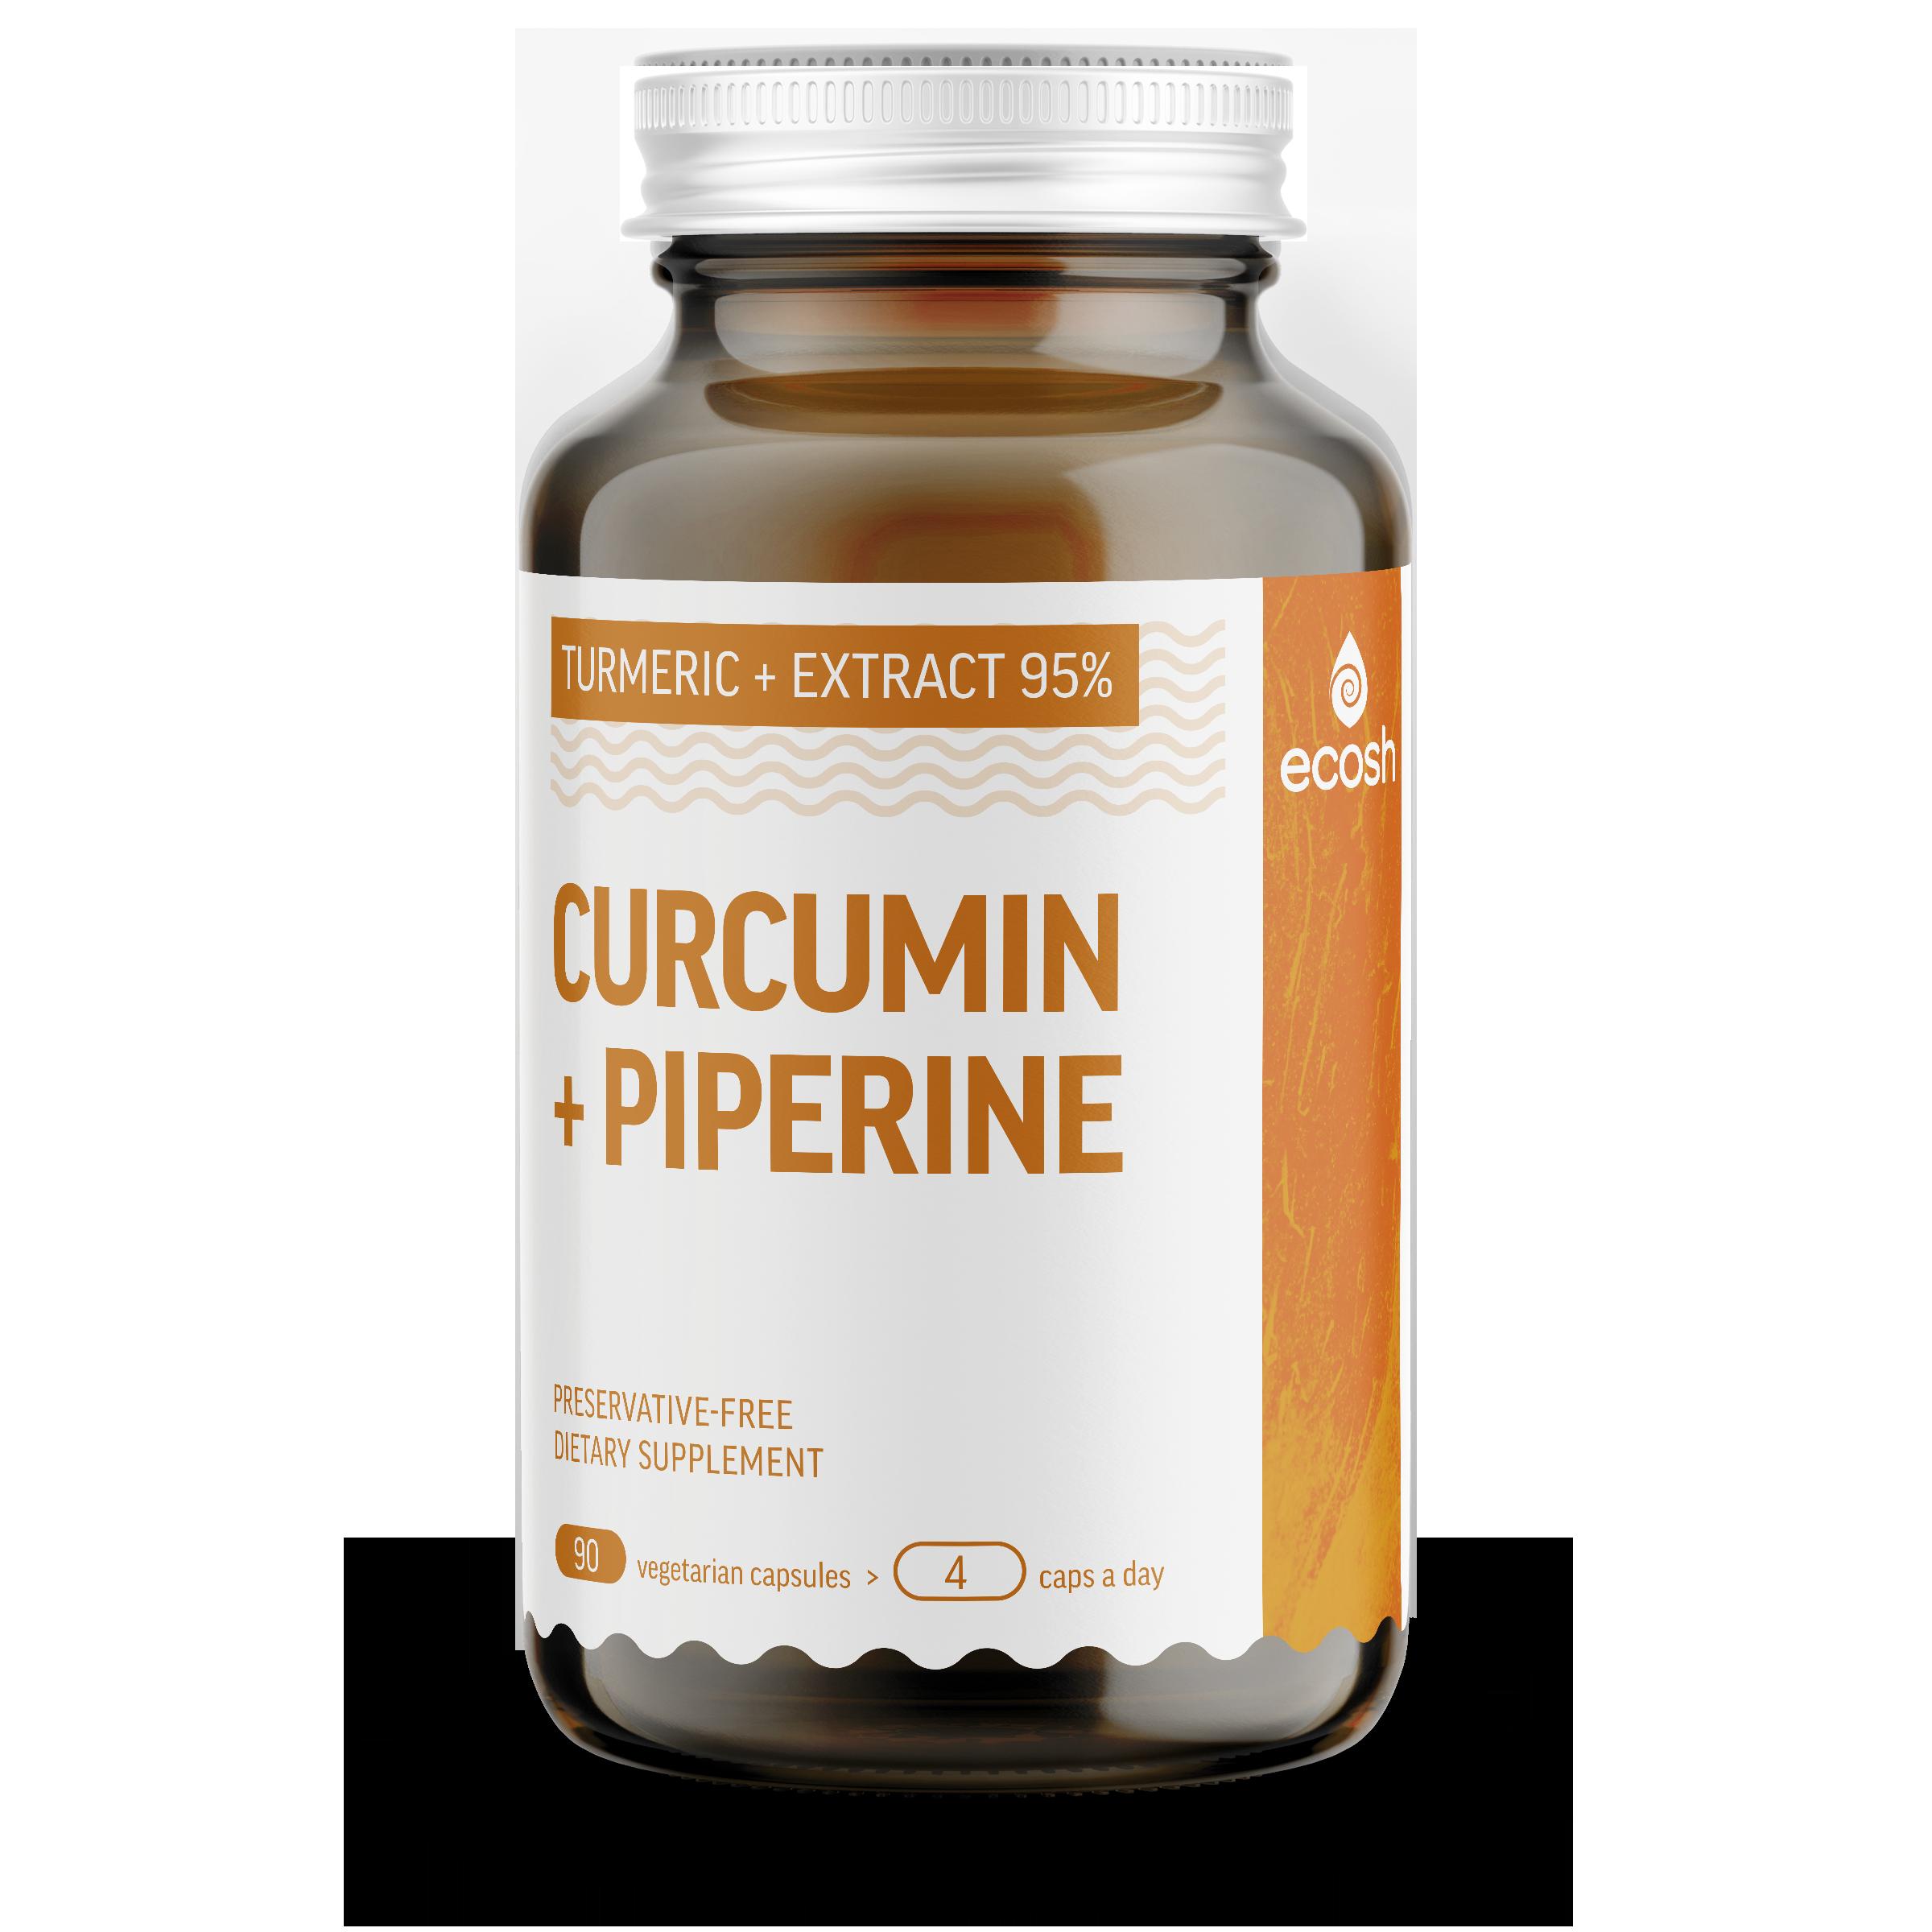 curcumin piperine